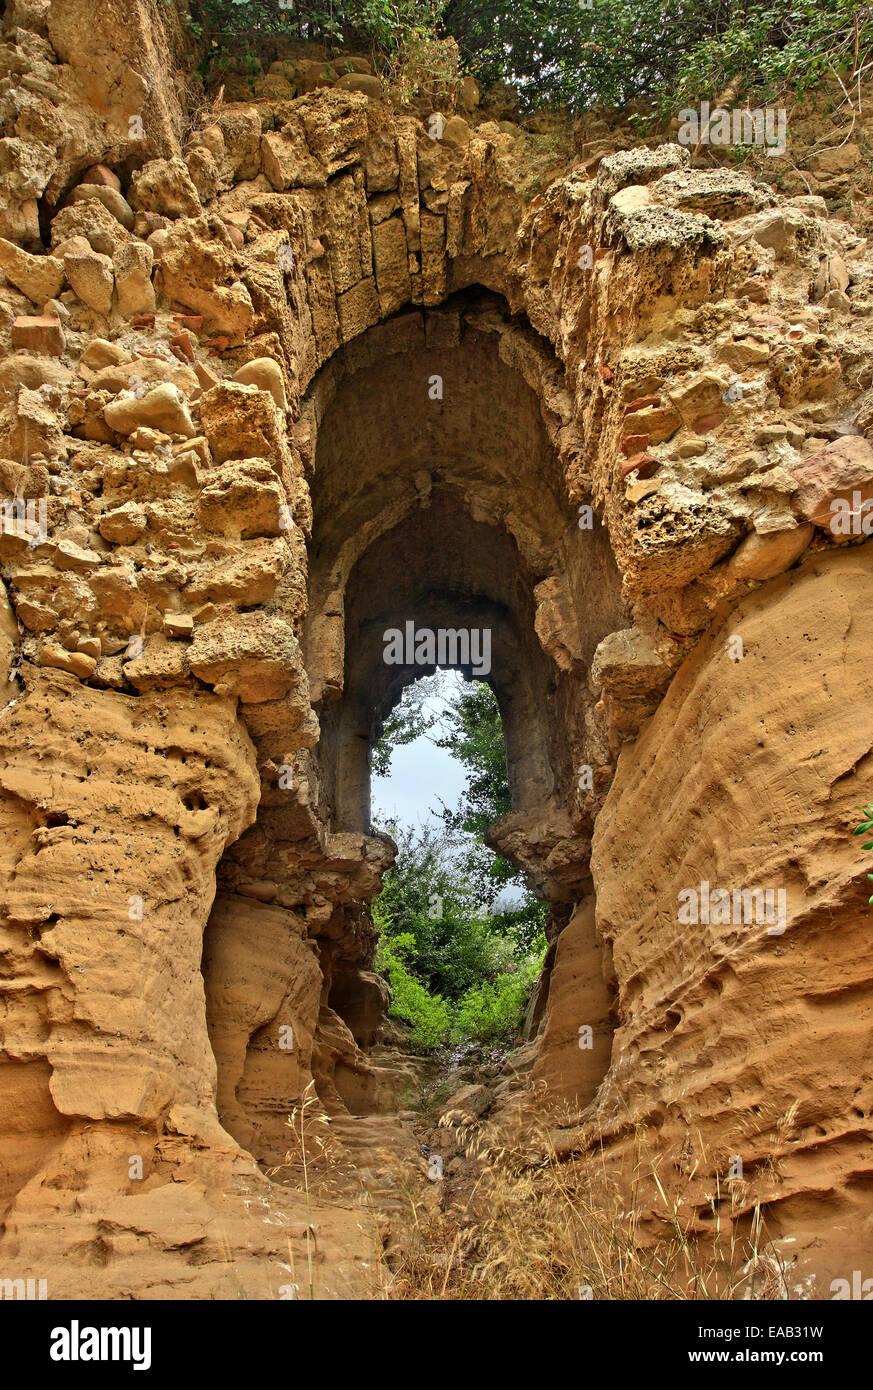 The gate of the forgotten medieval town of Olena, close to Oleni village, Ileia ('Elis'), Peloponnese, Greece. - Stock Image